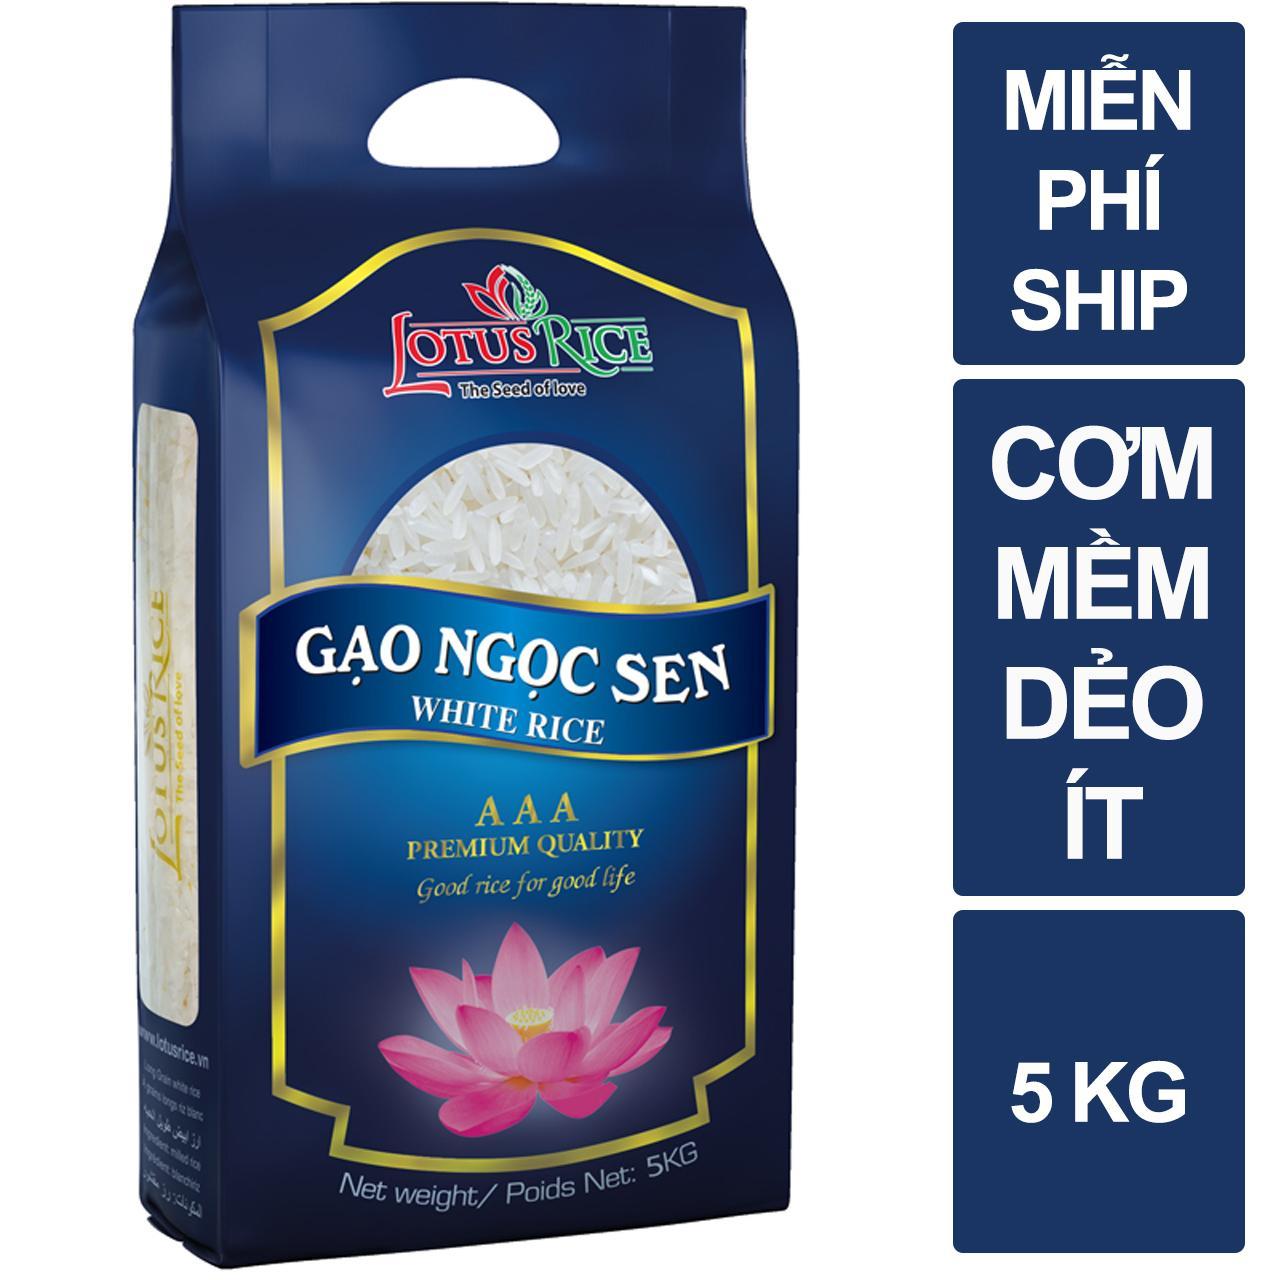 Gạo Ngọc Sen Lotus Rice 5kg - Chuẩn Xuất Khẩu Có Giá Tốt